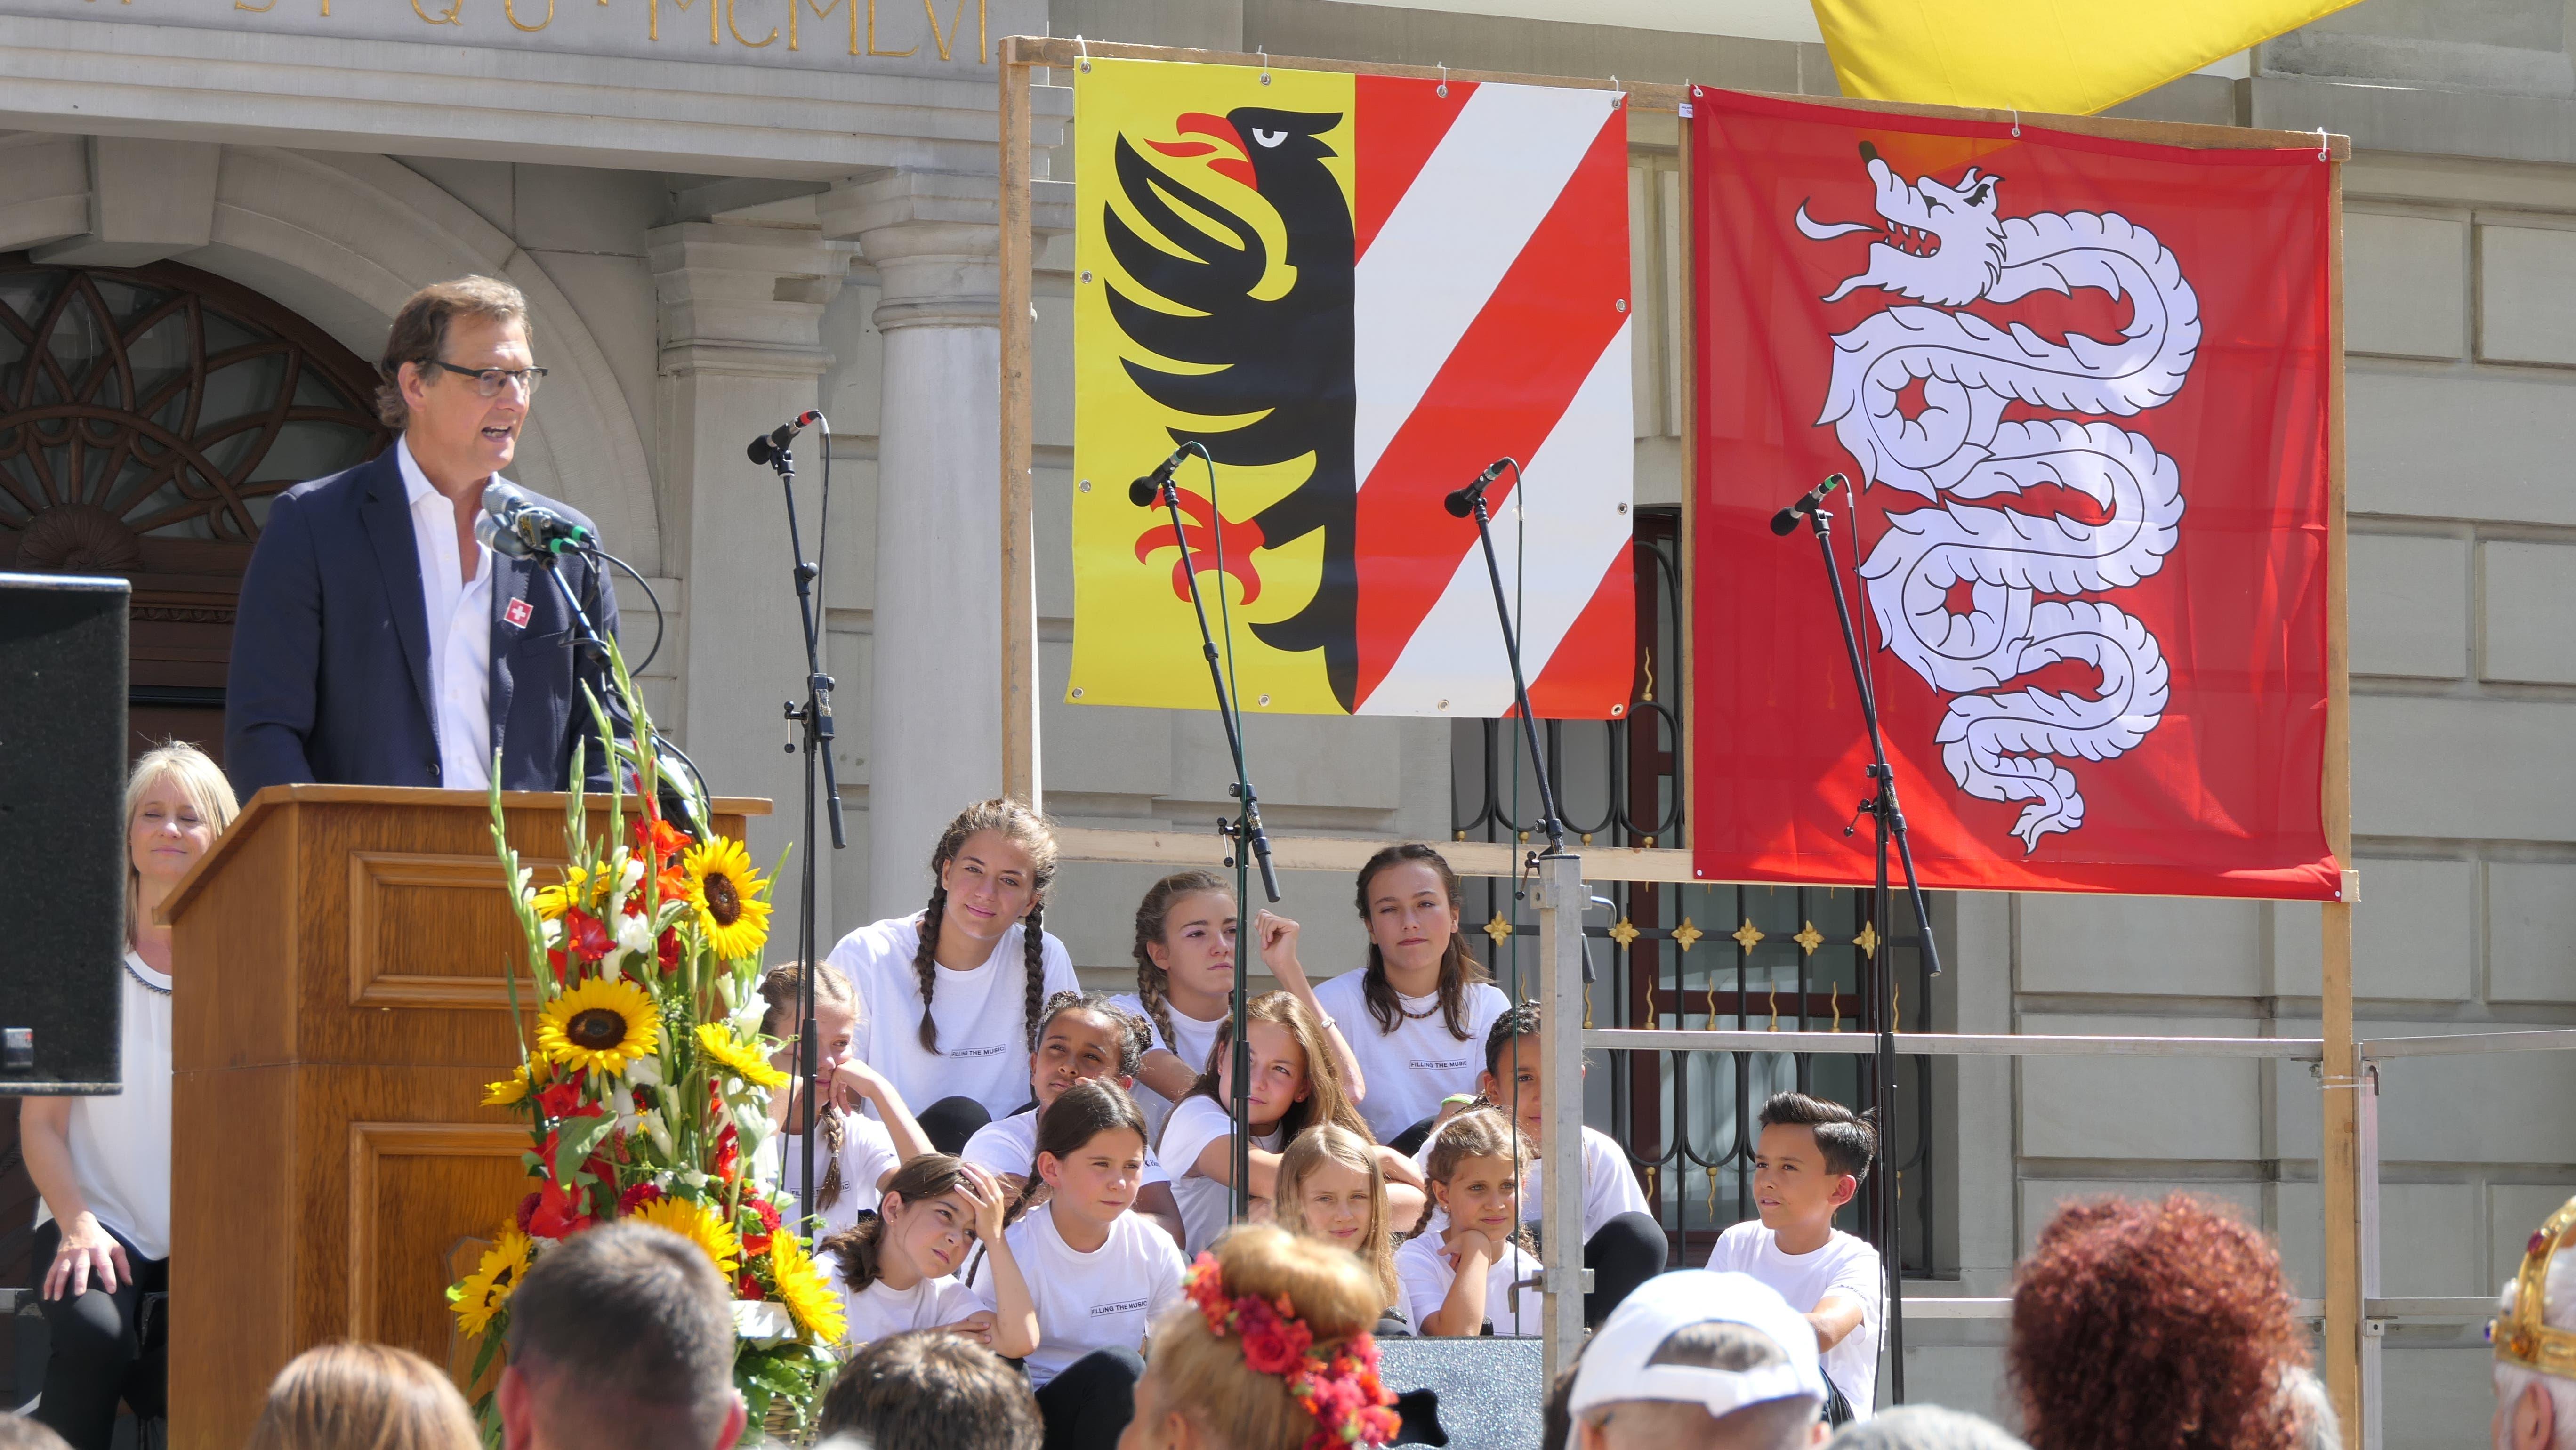 Bundesfeier in Altdorf: Mario Branda, Stadtpräsident von Bellinzona, bei seiner Ansprache. (Bild: Carmen Epp, Altdorf, 1. August 2019)